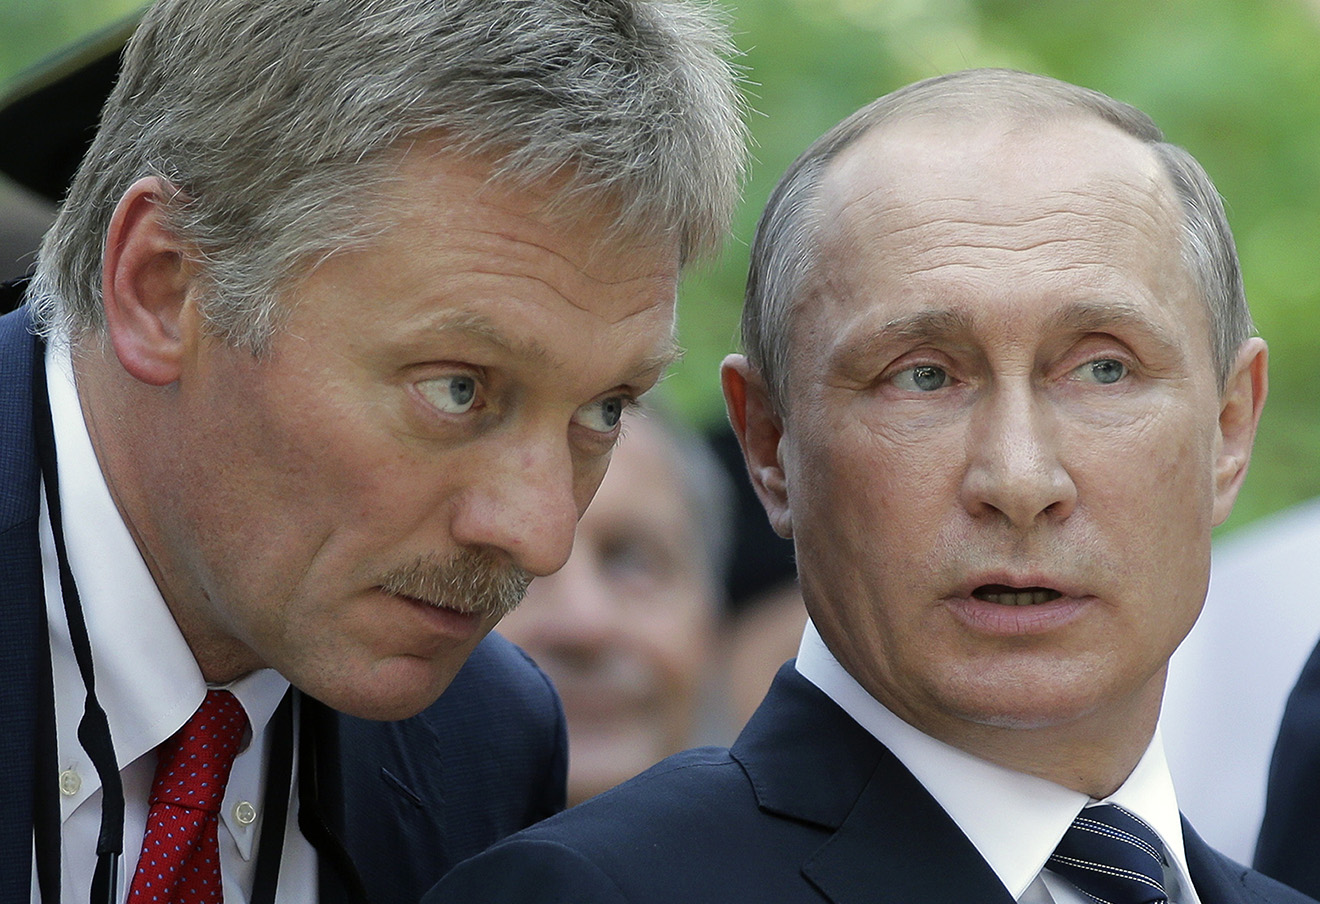 Дмитрий Песков и Владимир Путин. Фото: Михаил Метцель / ТАСС